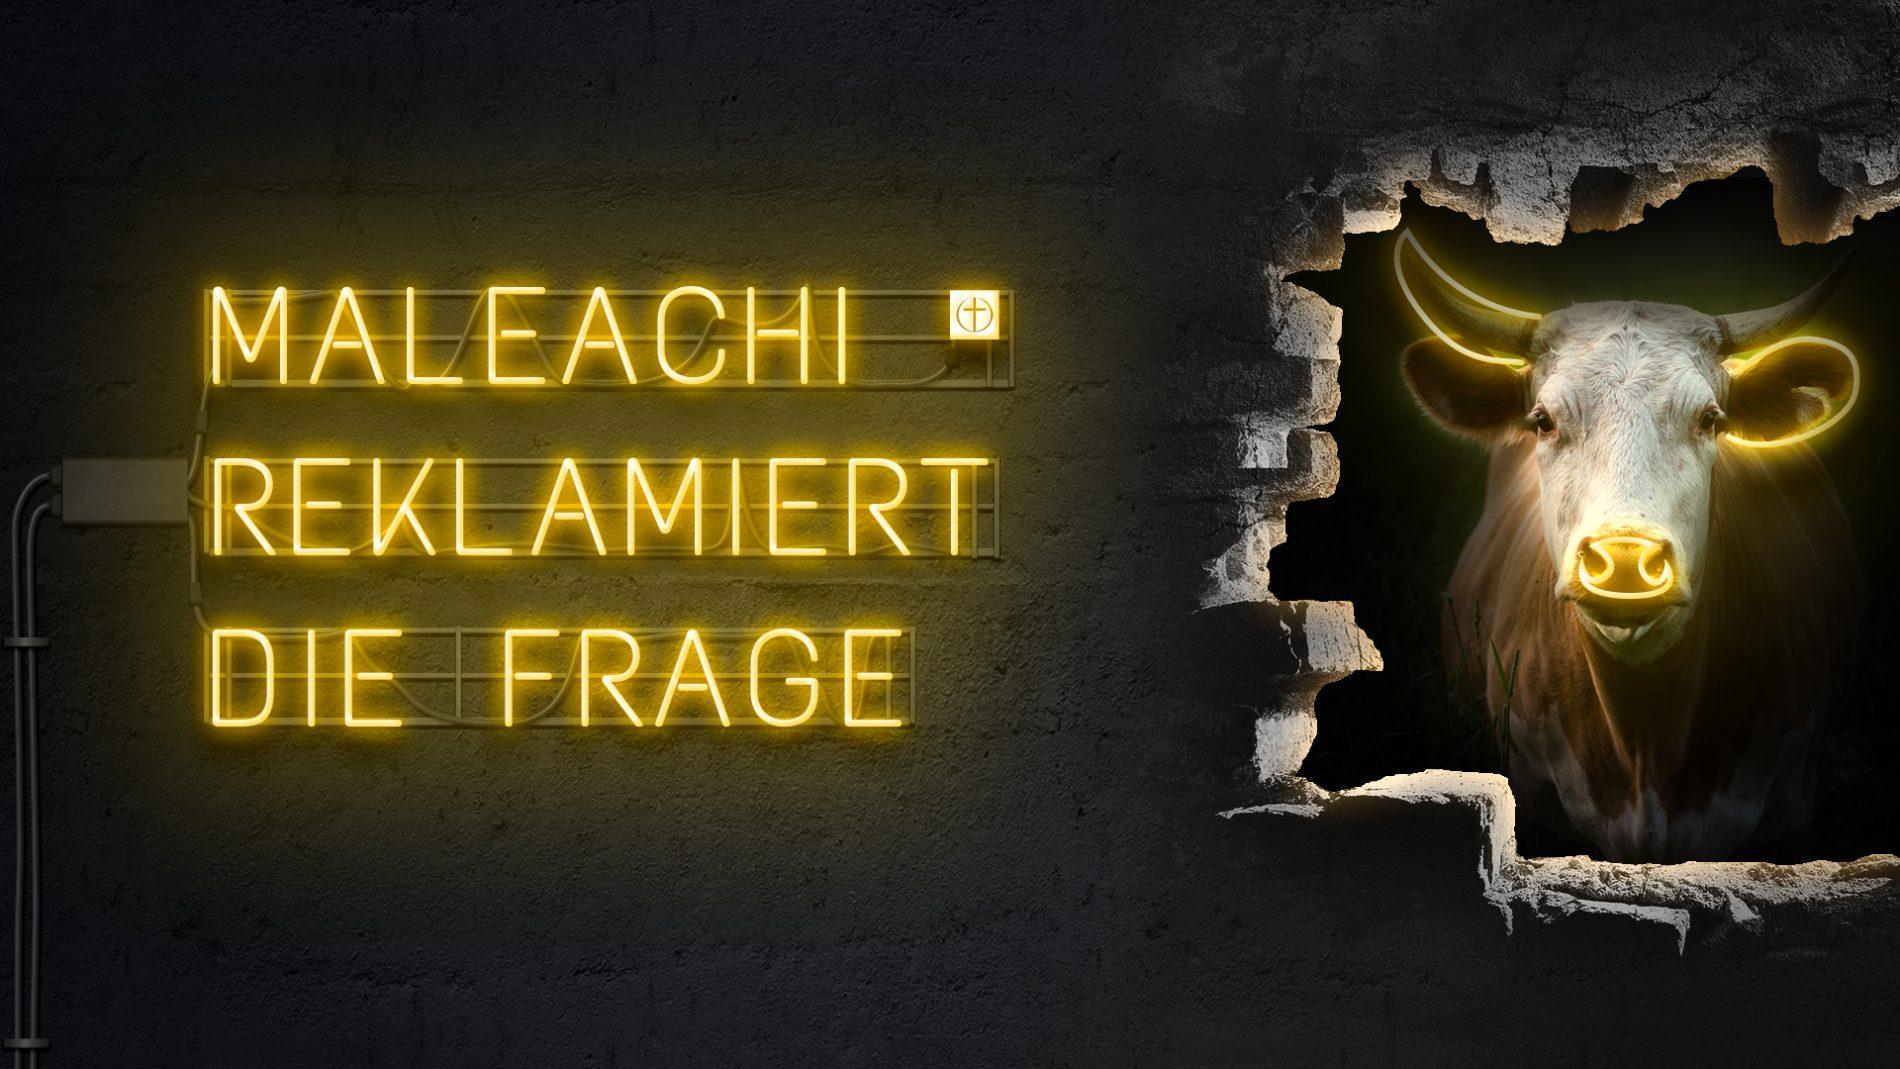 Maleachi reklamiert die Frage (Zwölf Propheten XII)